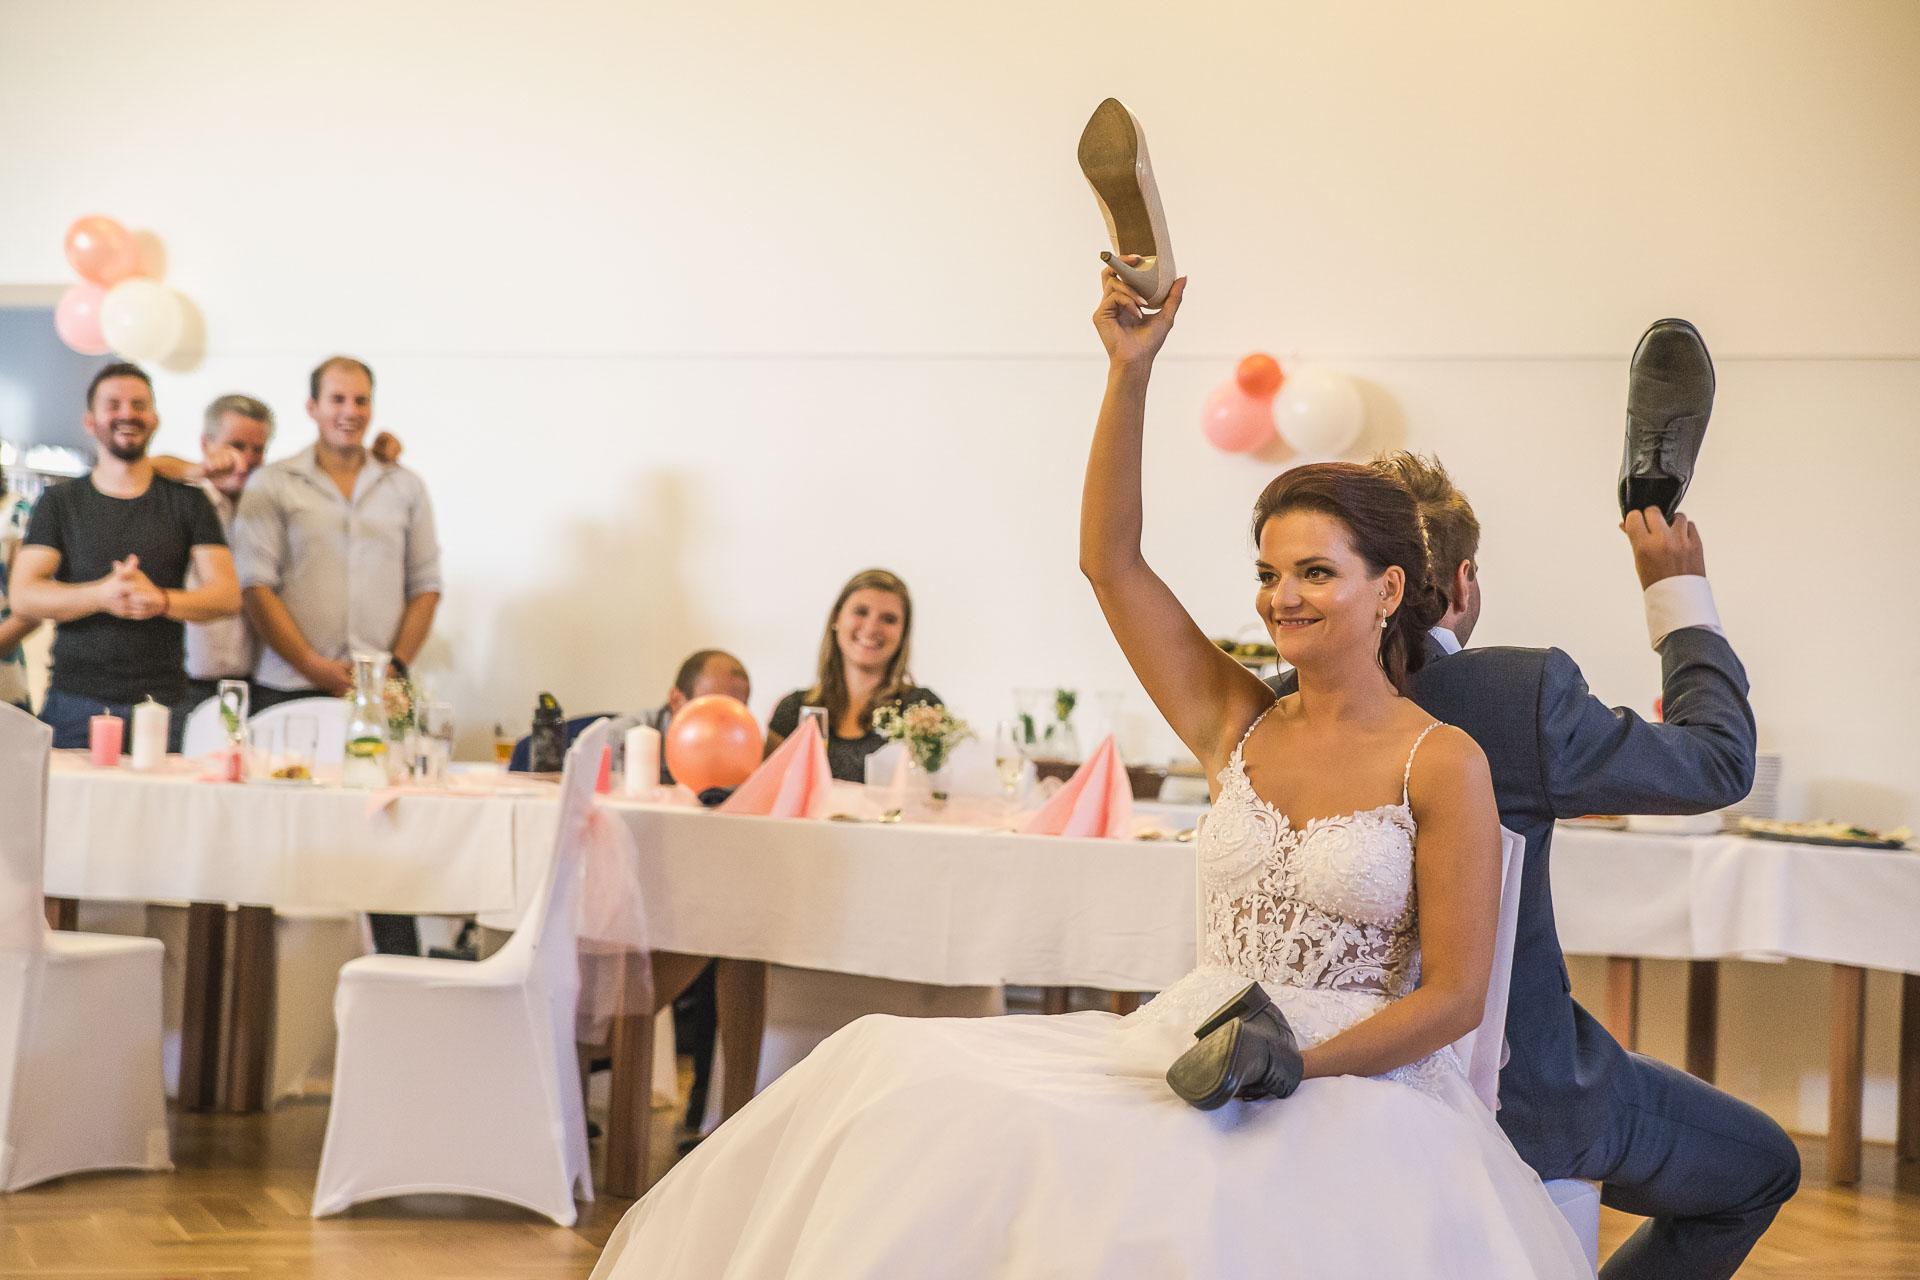 svatební-fotografie-Říp-svatební-video-ŘÍP-svatební-fotograf-ŘÍP-svatba-Mělník-svatba-Neratovice-fotograf-na-savtbu-kameraman-na-svatbu-407